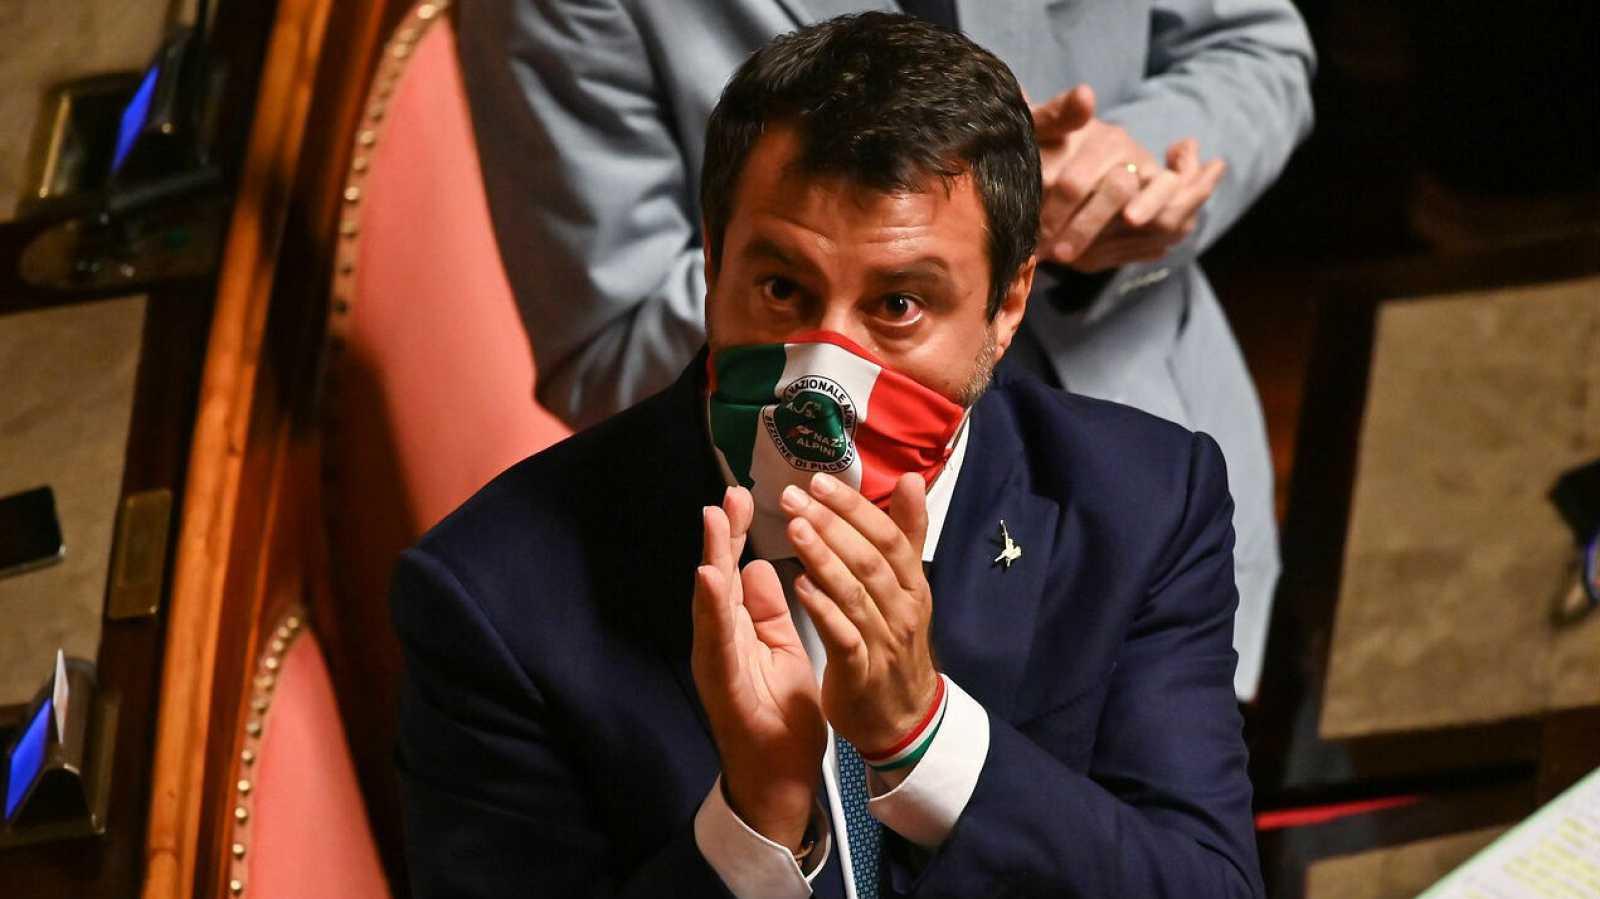 El senador italiano y líder del partido Lega, Matteo Salvini, tras su discurso el 30 de julio en el Senado antes de las votaciones sobre si debería ser despojado de su inmunidad parlamentaria.